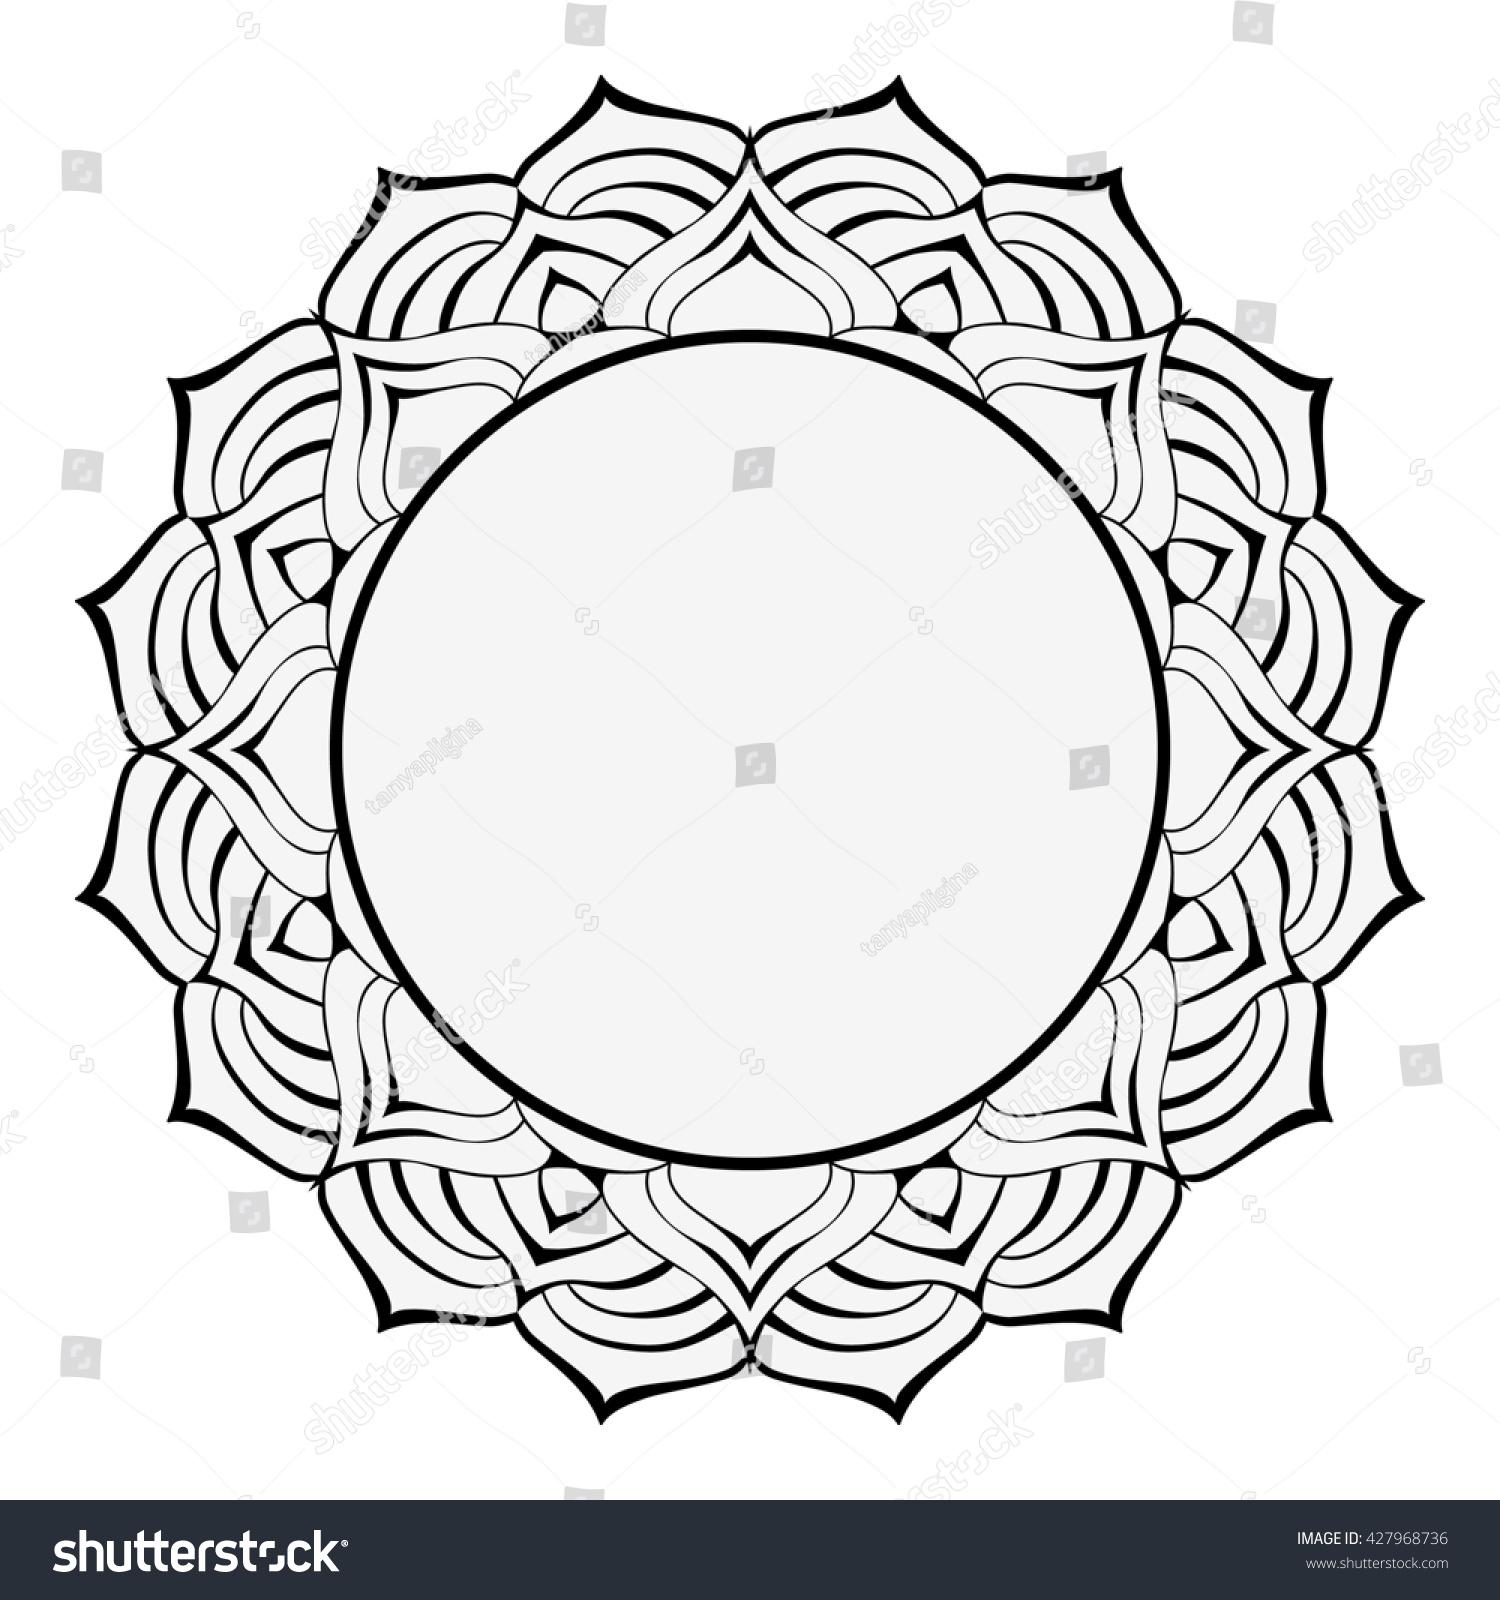 mandala round black white frame decorative stock illustration